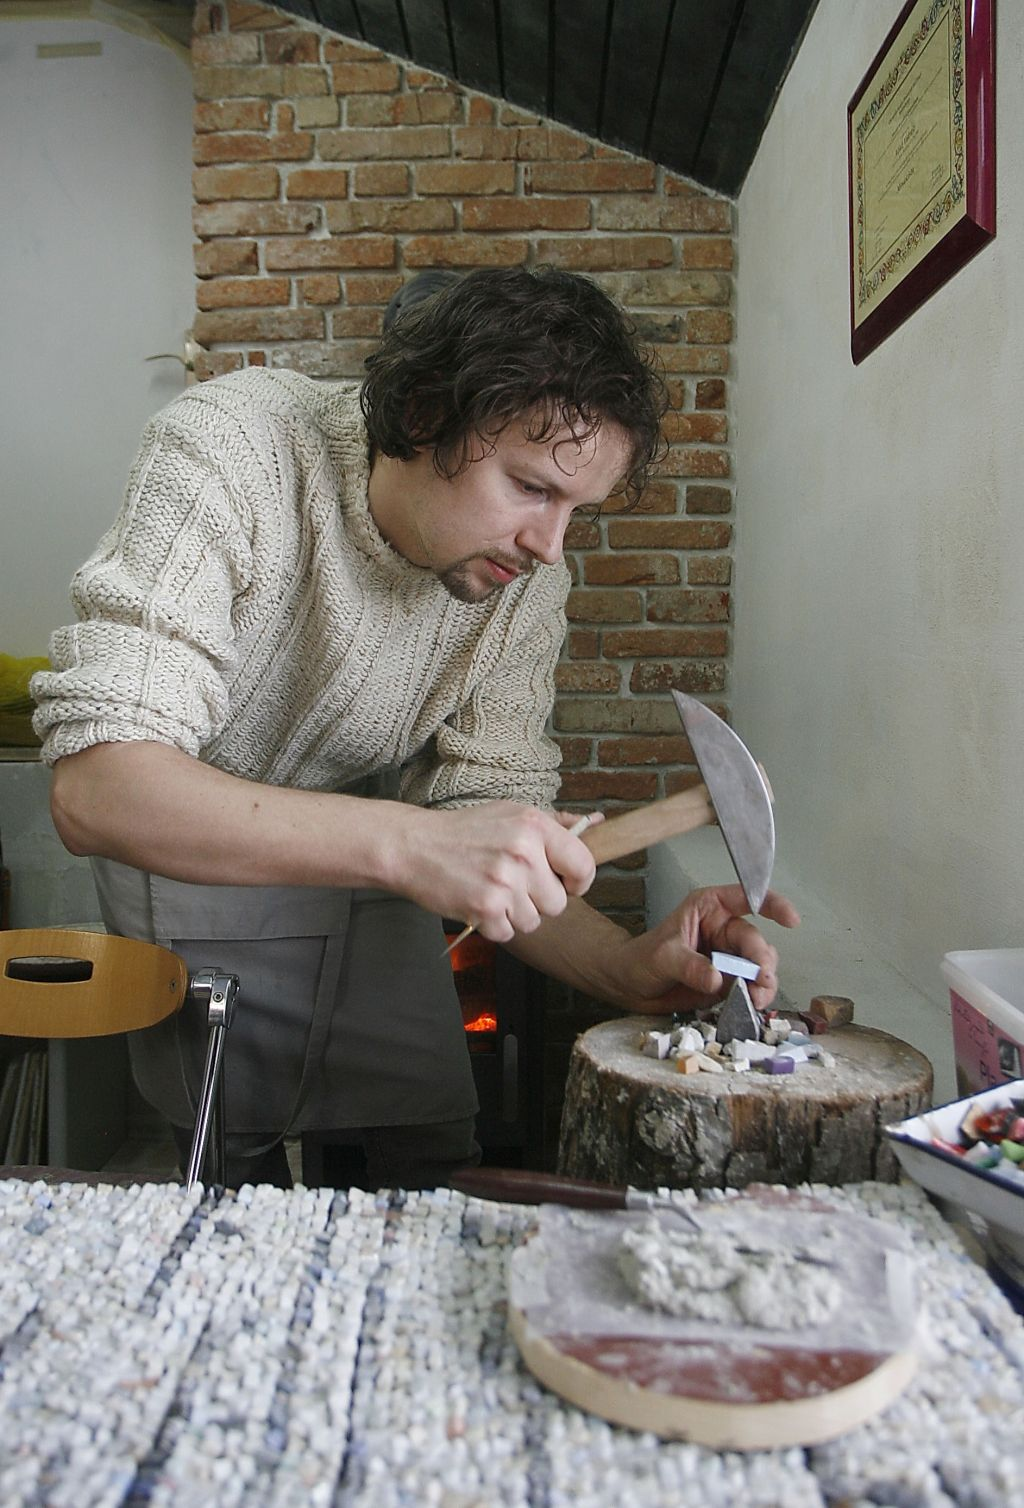 Le pravi mojster mozaika sestavi 60 tisoč koščkov